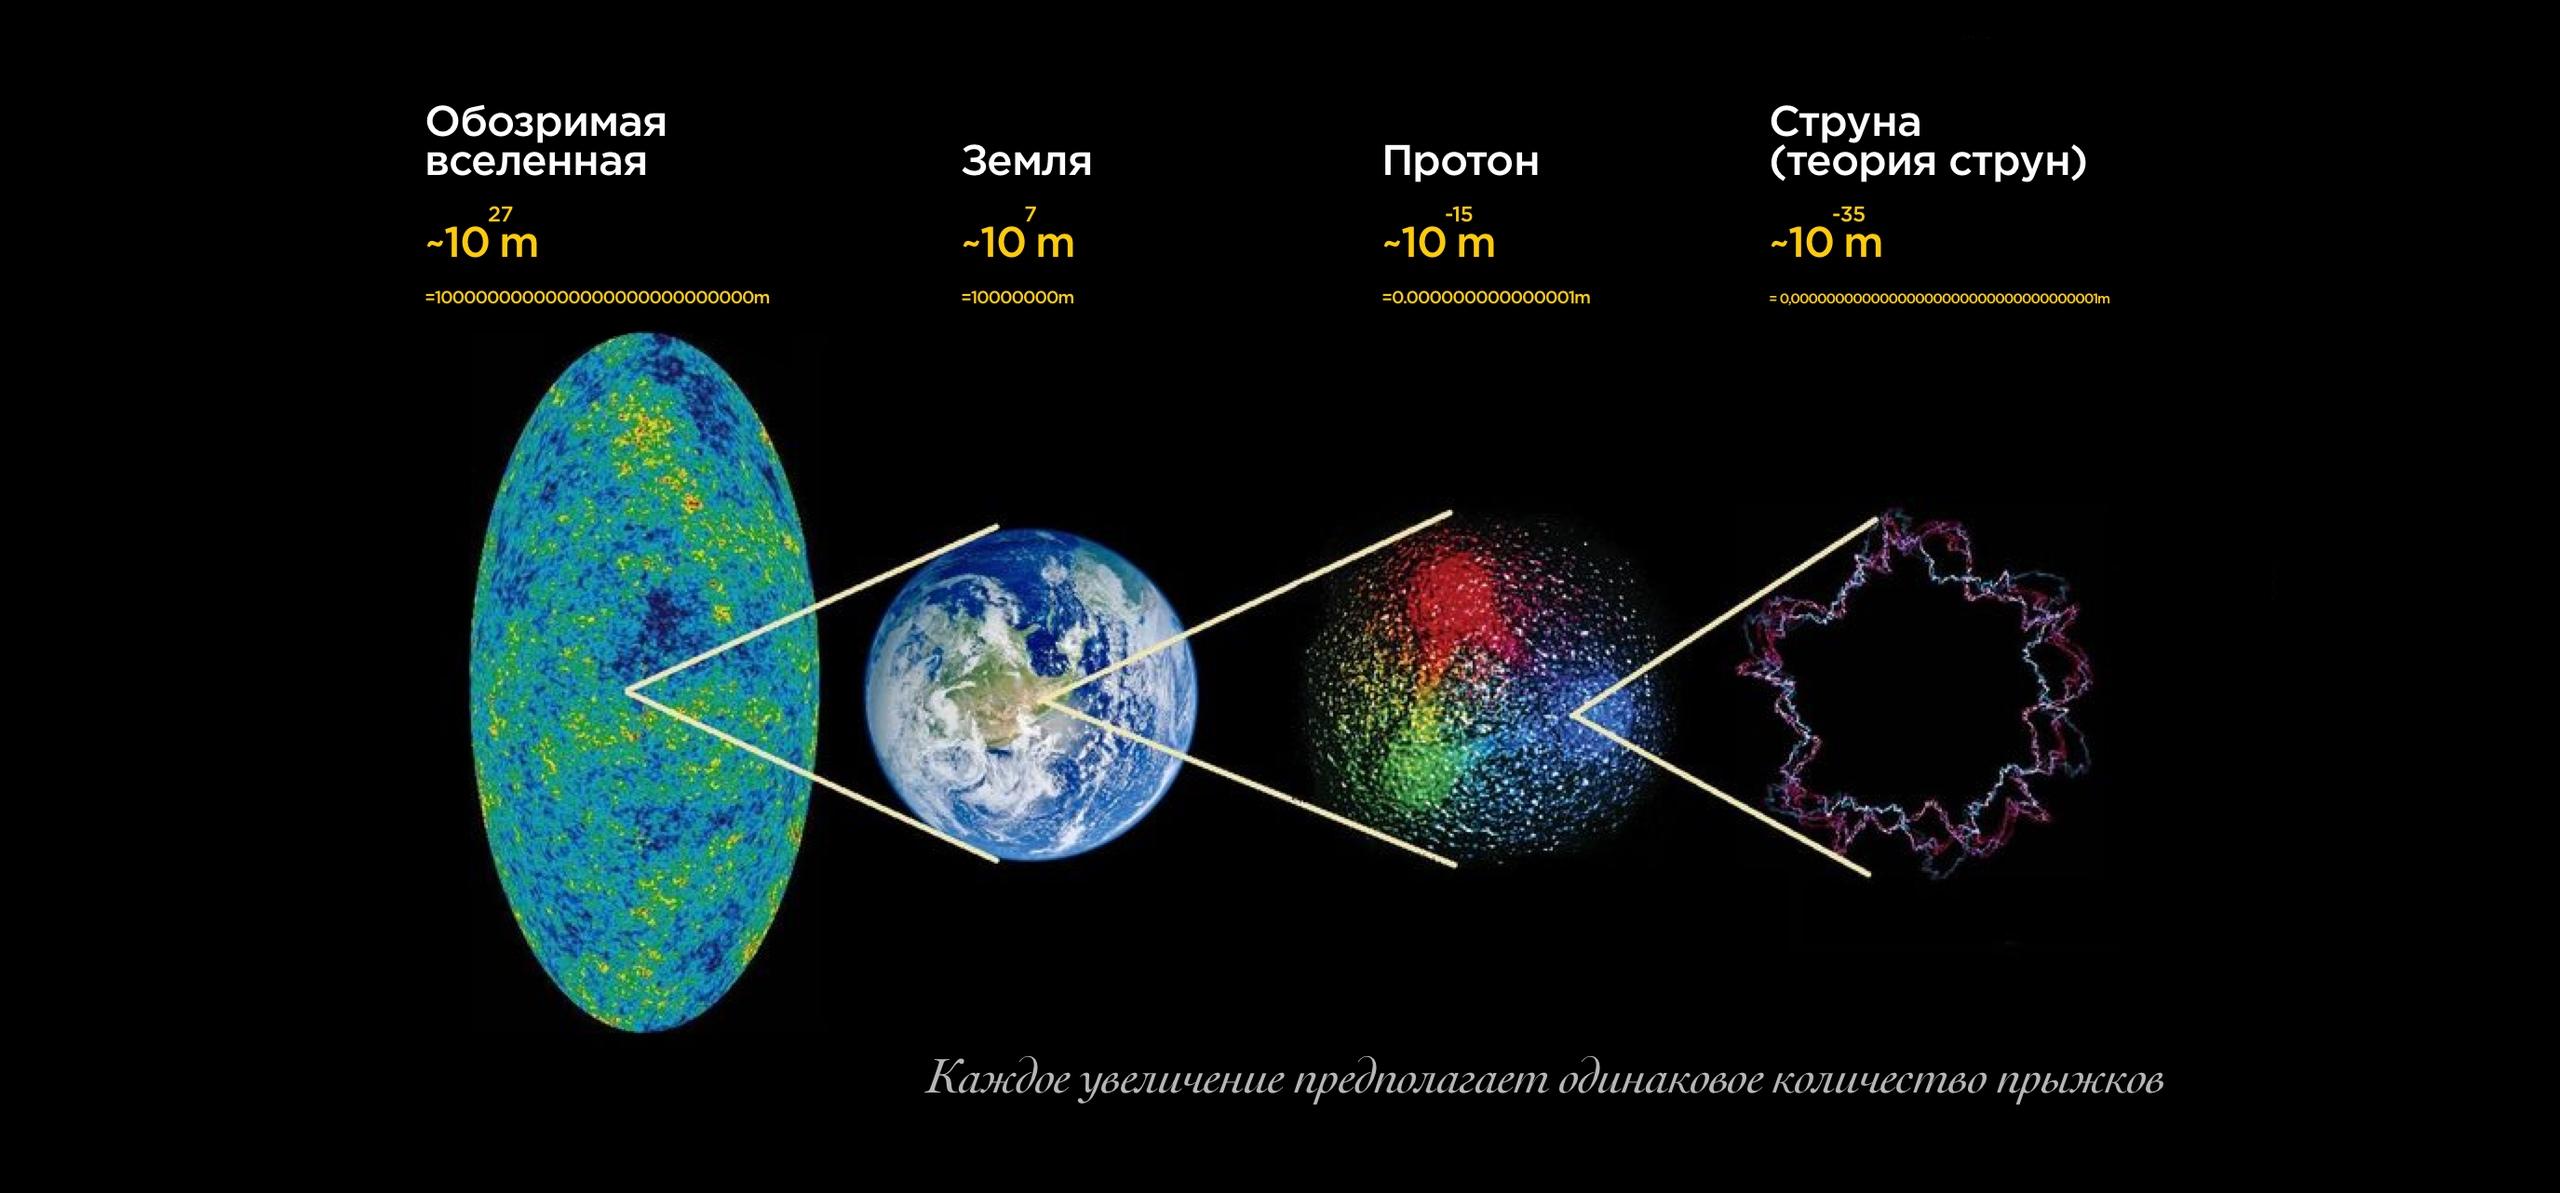 Сколько Вселенных в Теории струн?, изображение №2